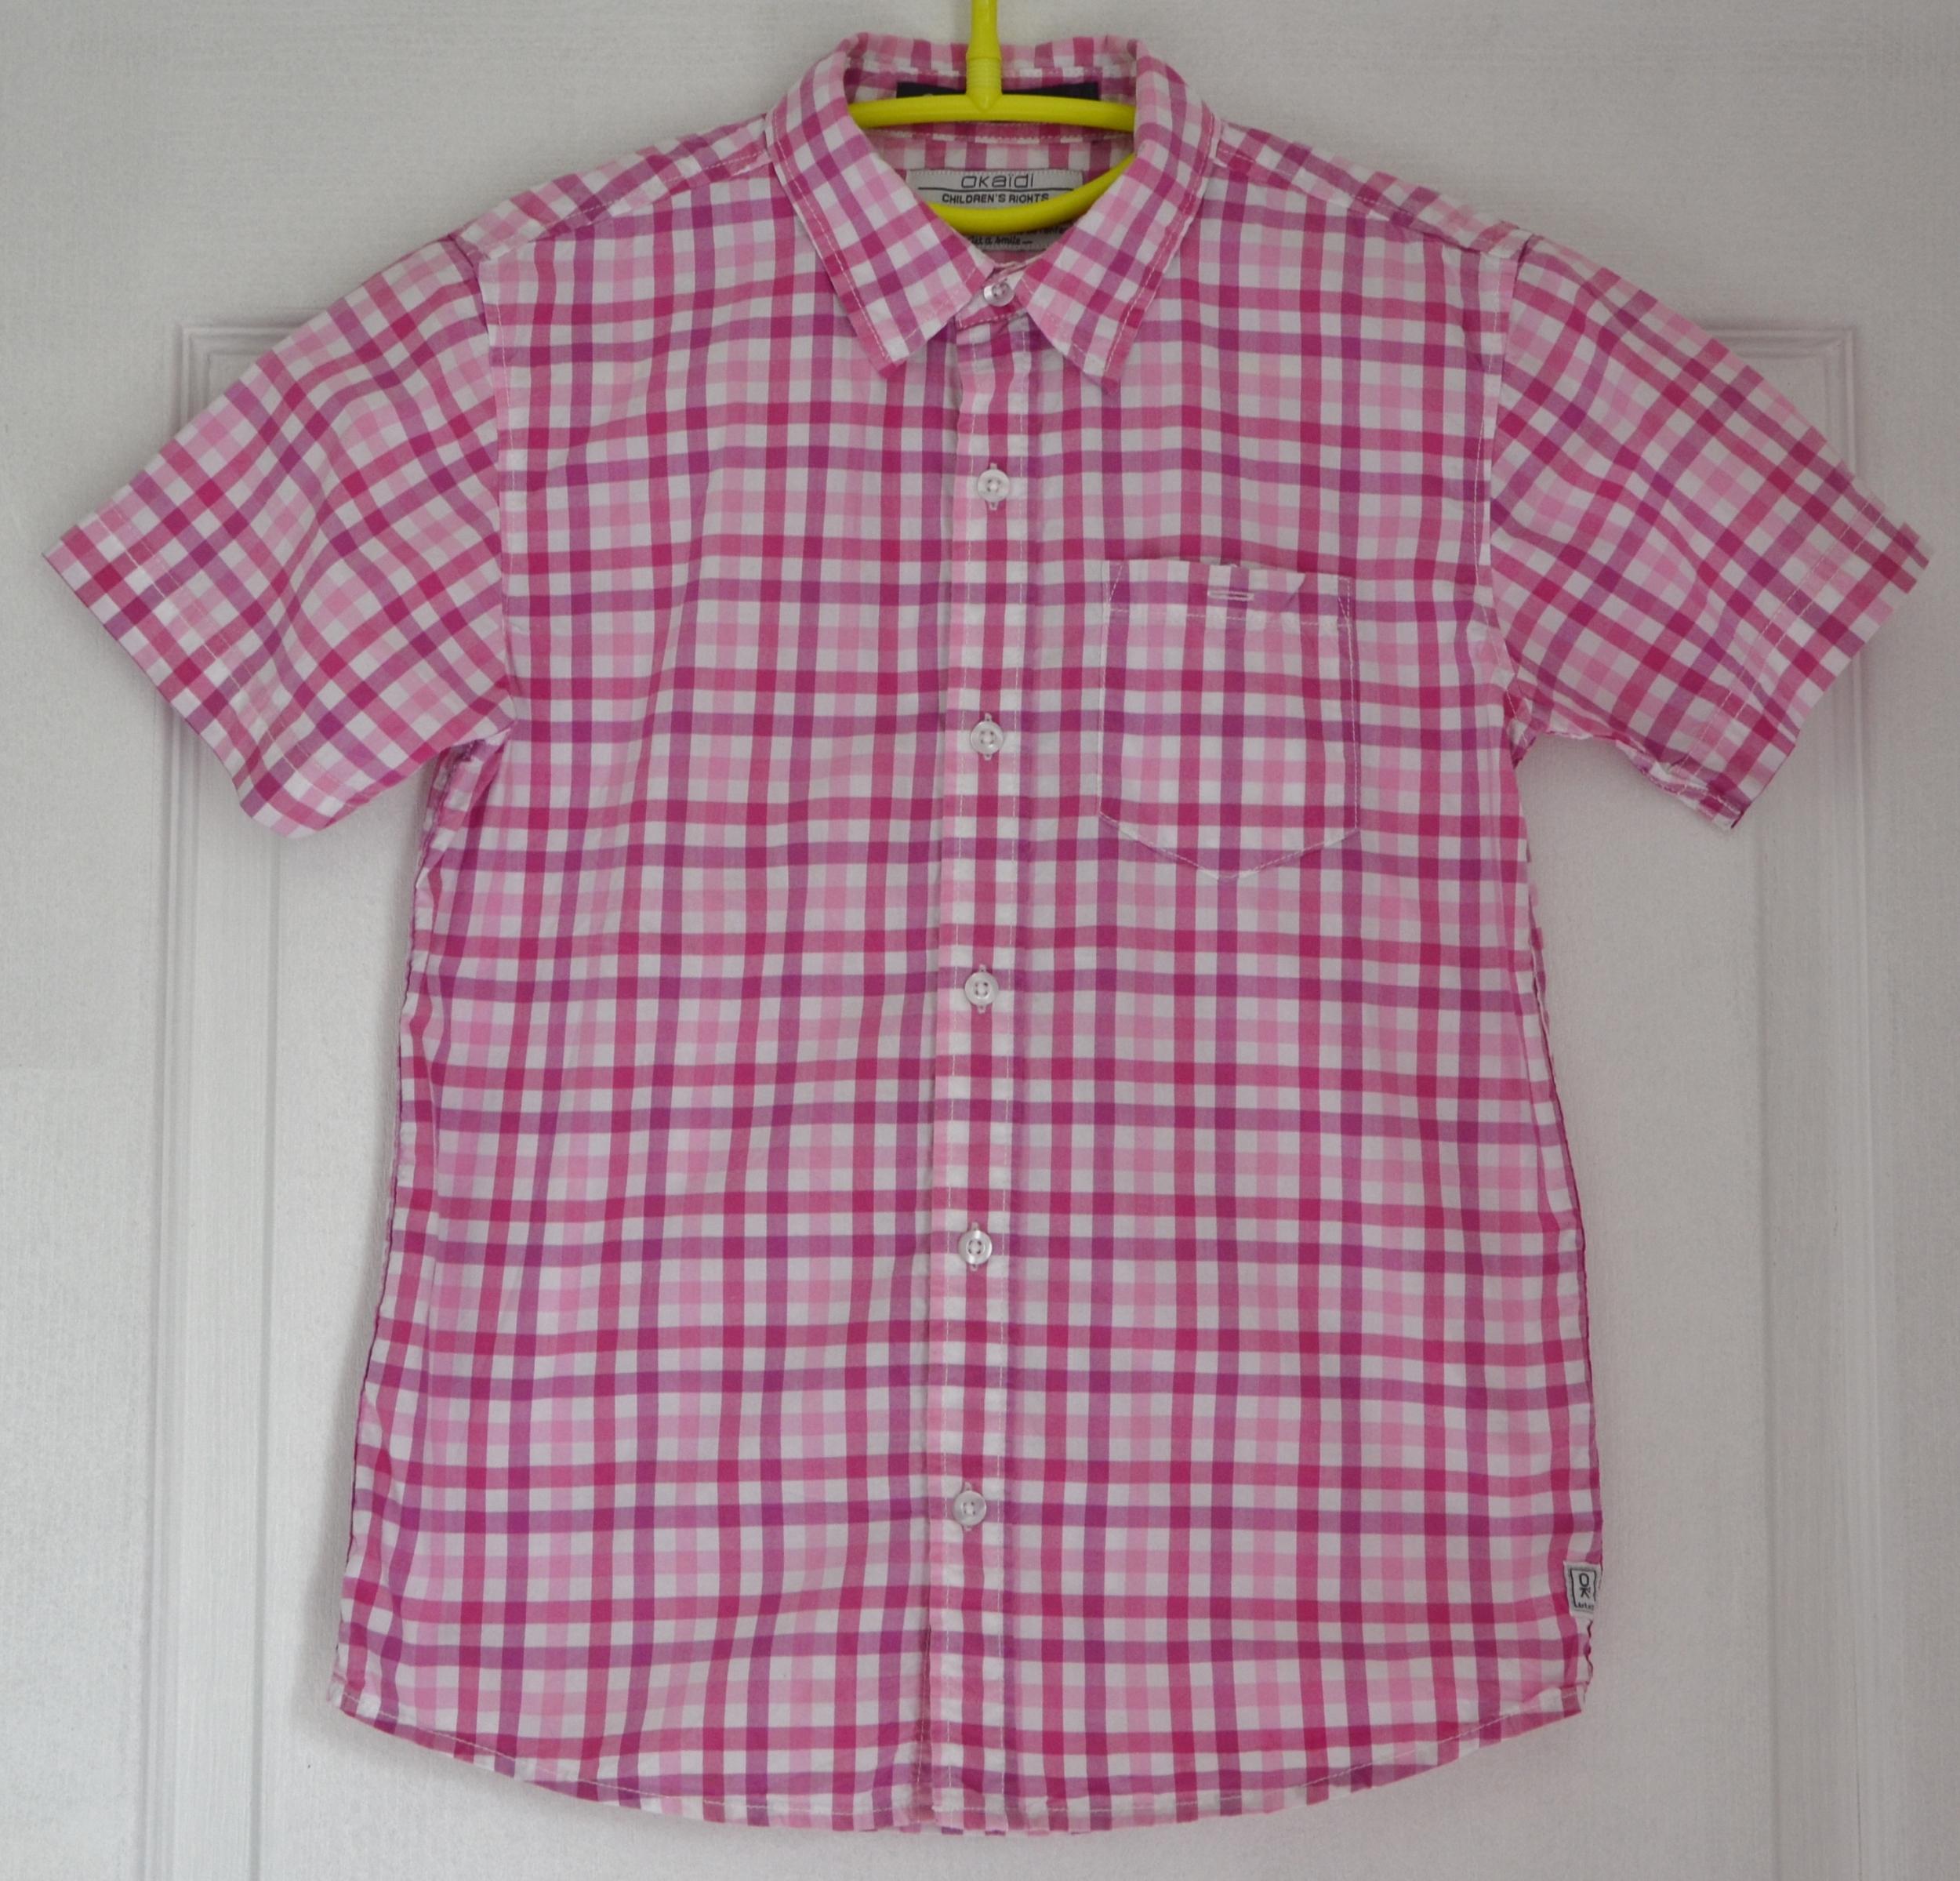 chemise fille rose 10 ans okaidi